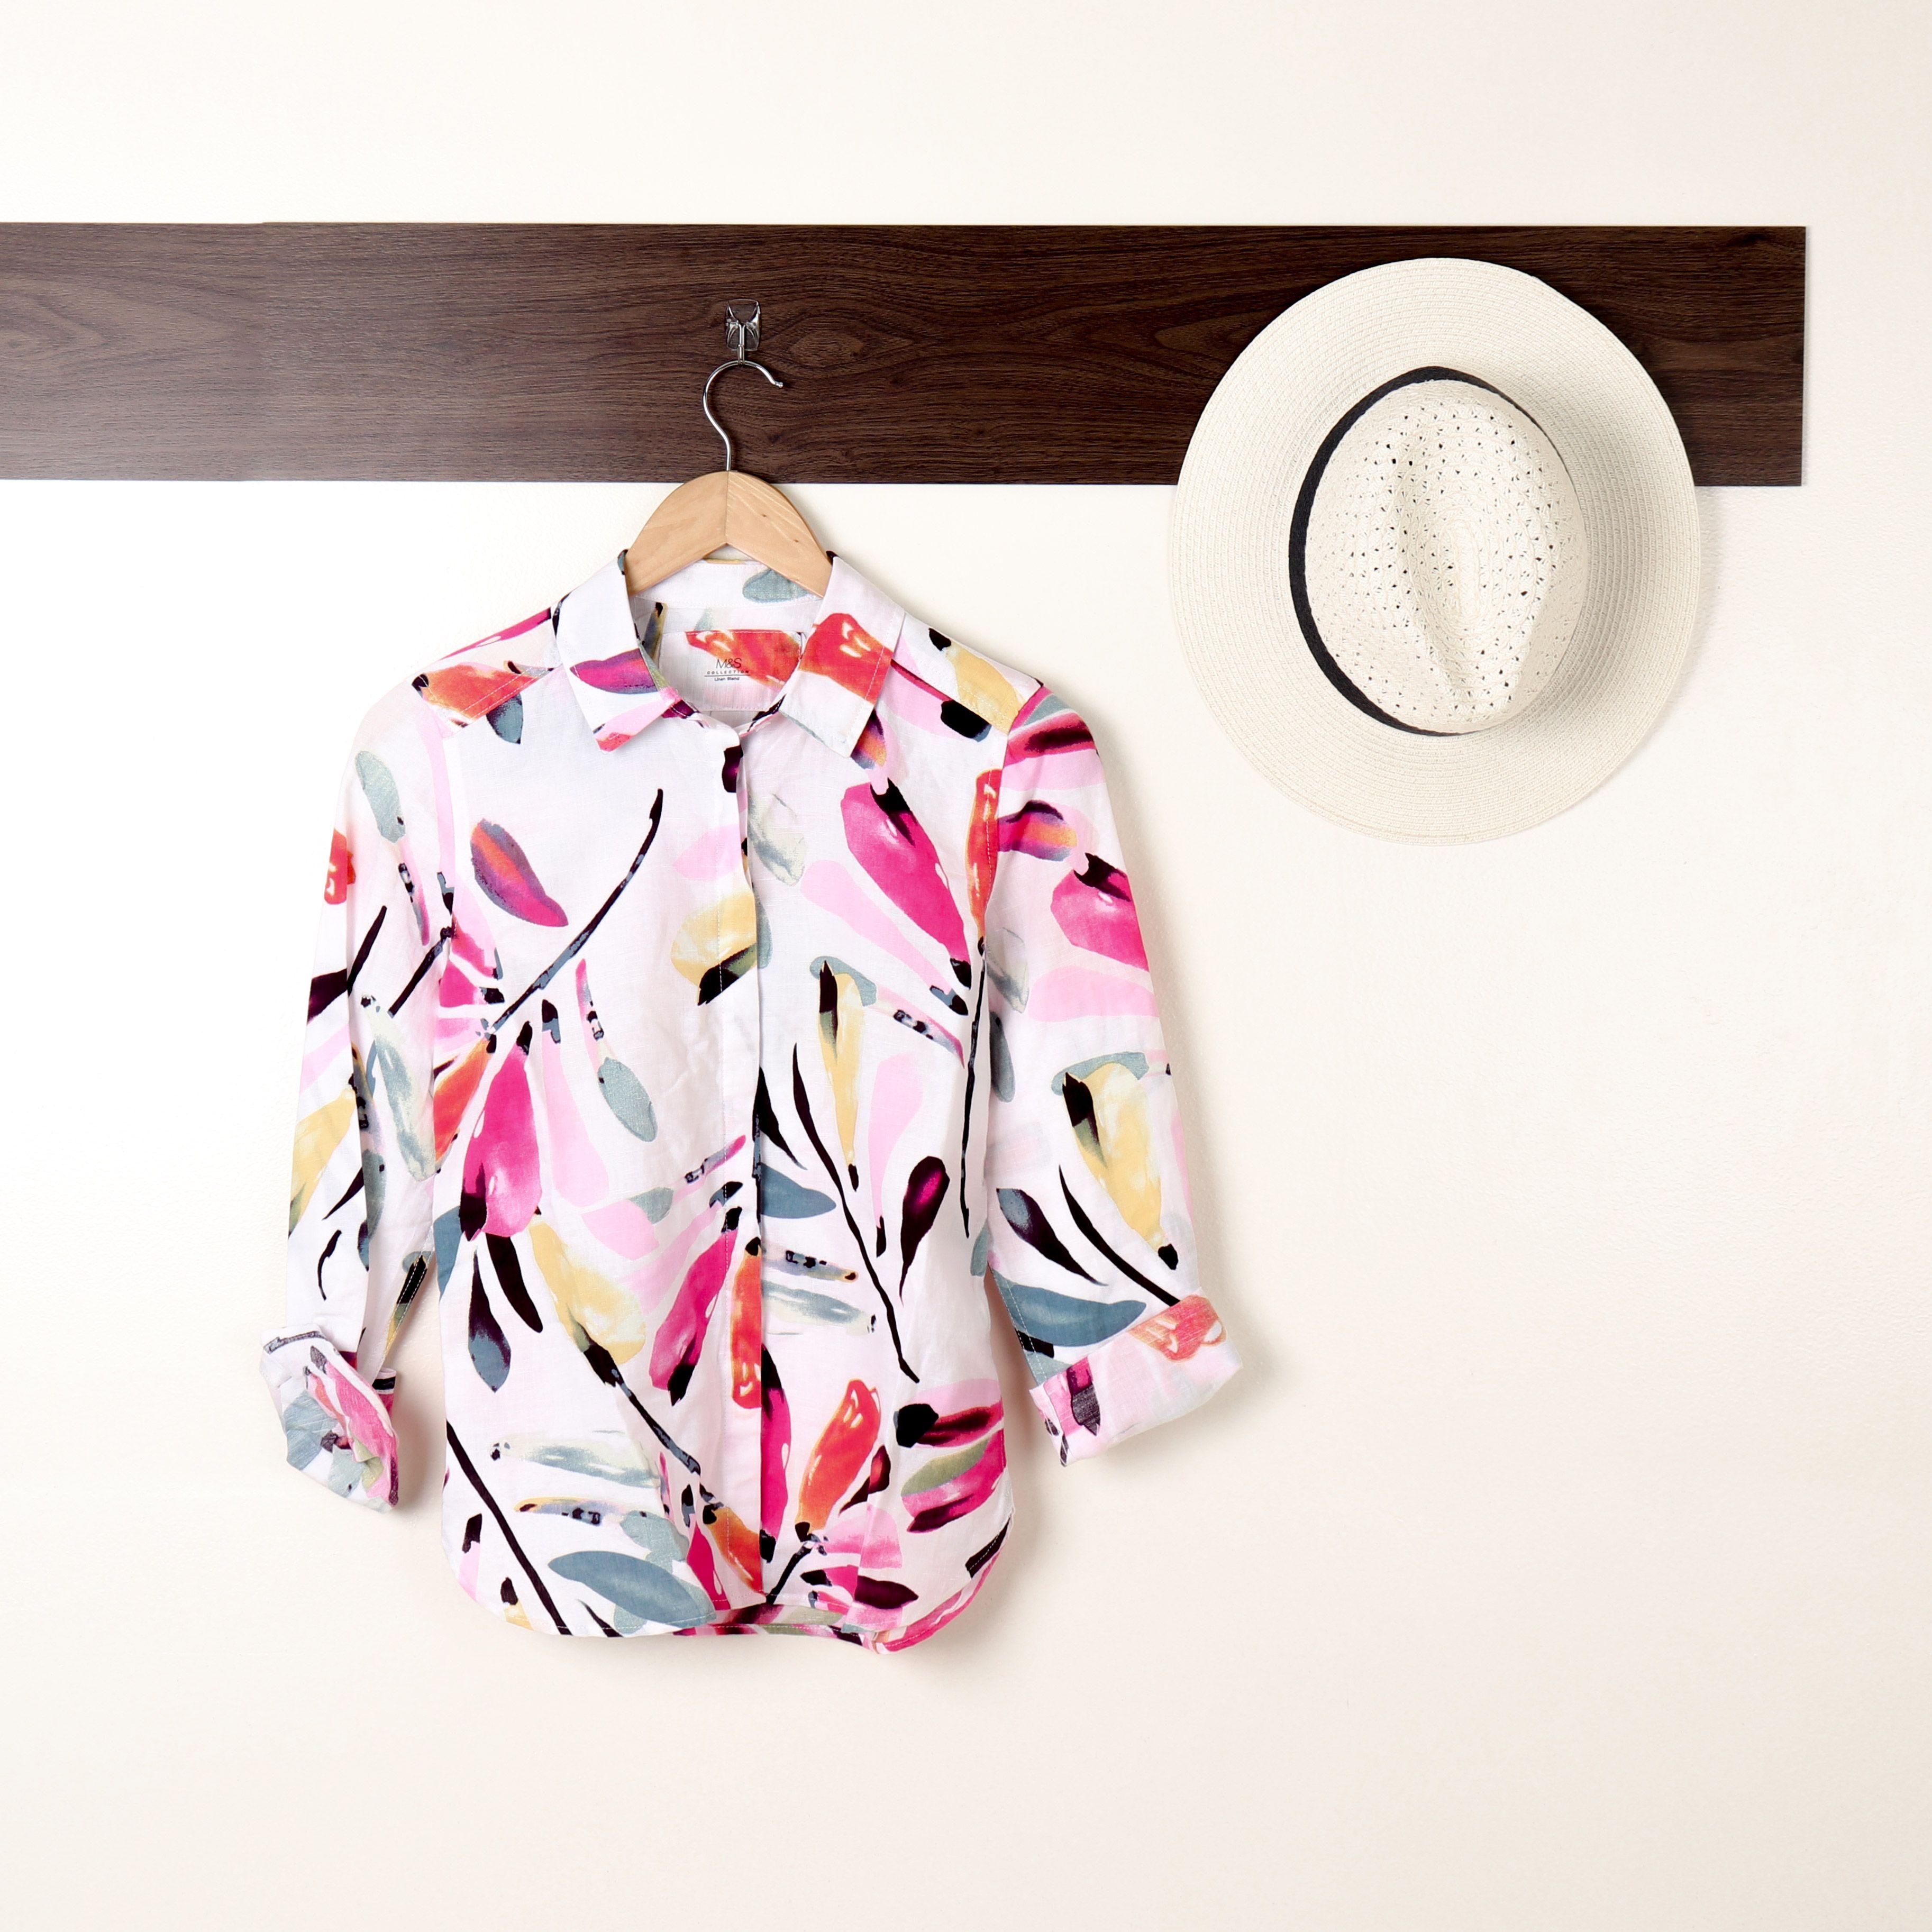 8f5d177d702 Top  Linen Rich Floral Print Long Sleeve Shirt Hat  Textured Fedora Sun Hat